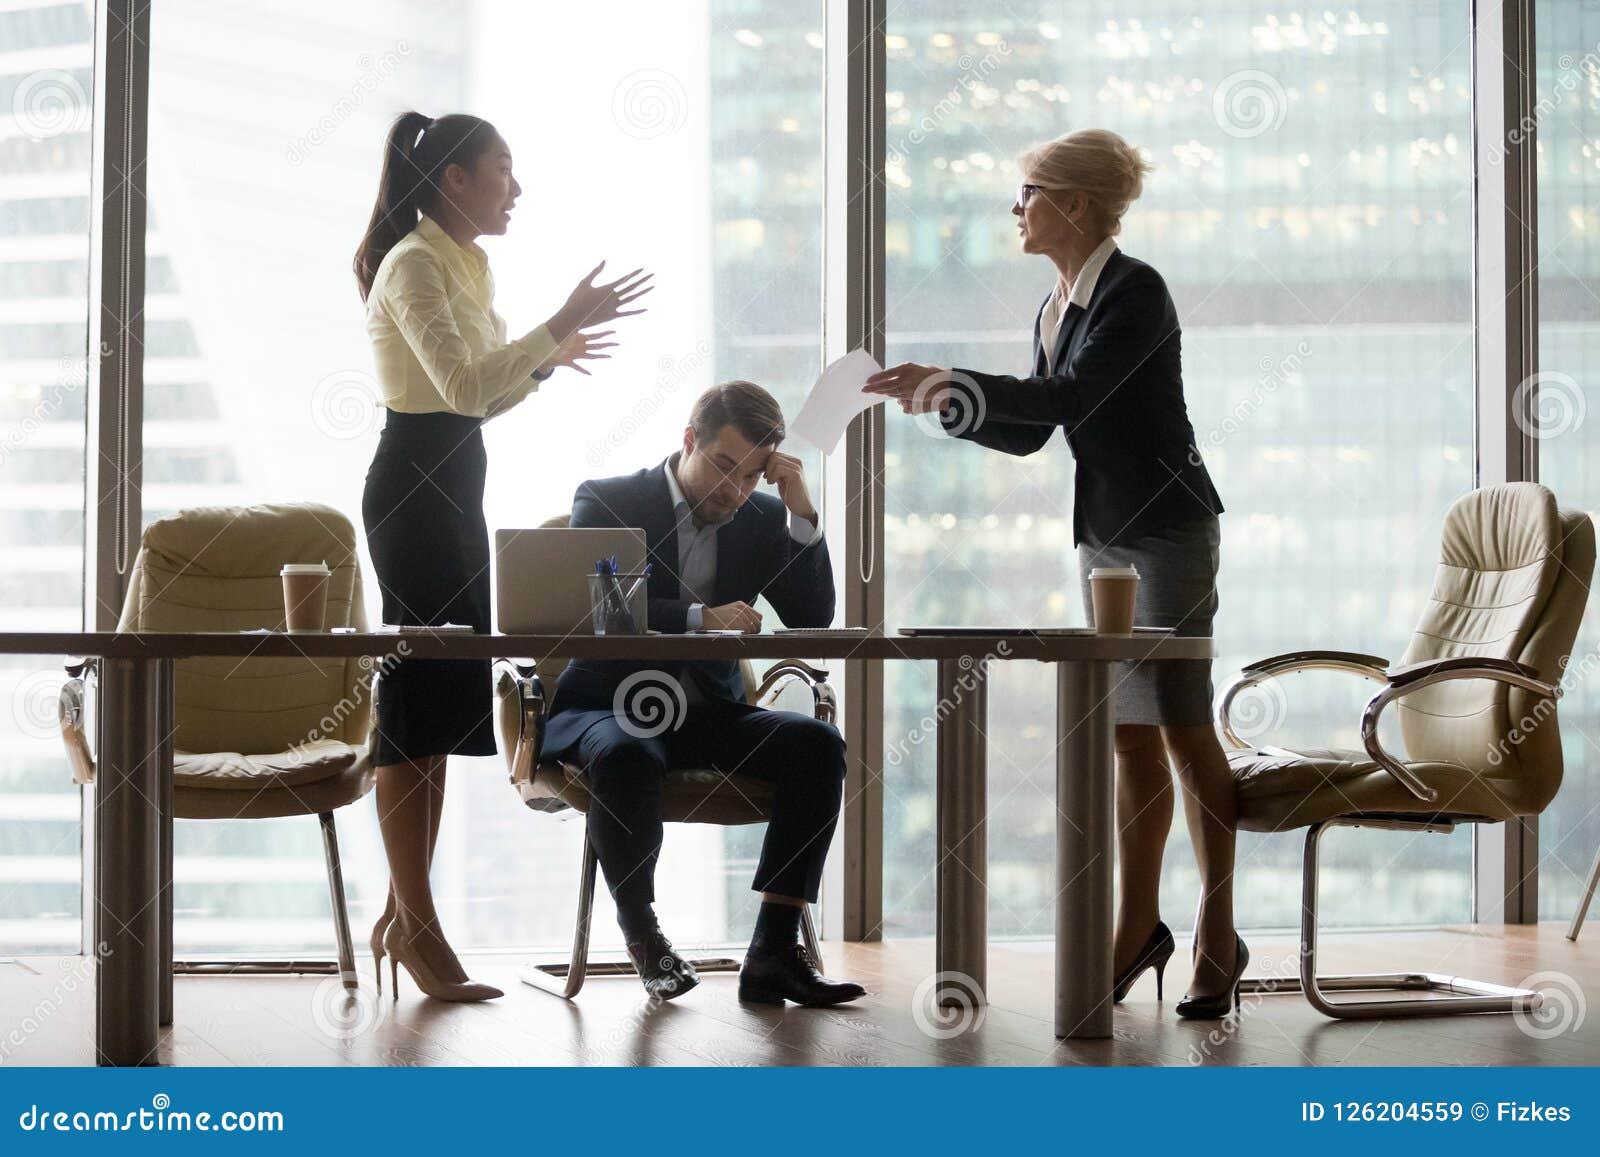 Unbefriedigte, verärgerte DirektornGeschäftsfrau, die Arbeit kritisiert